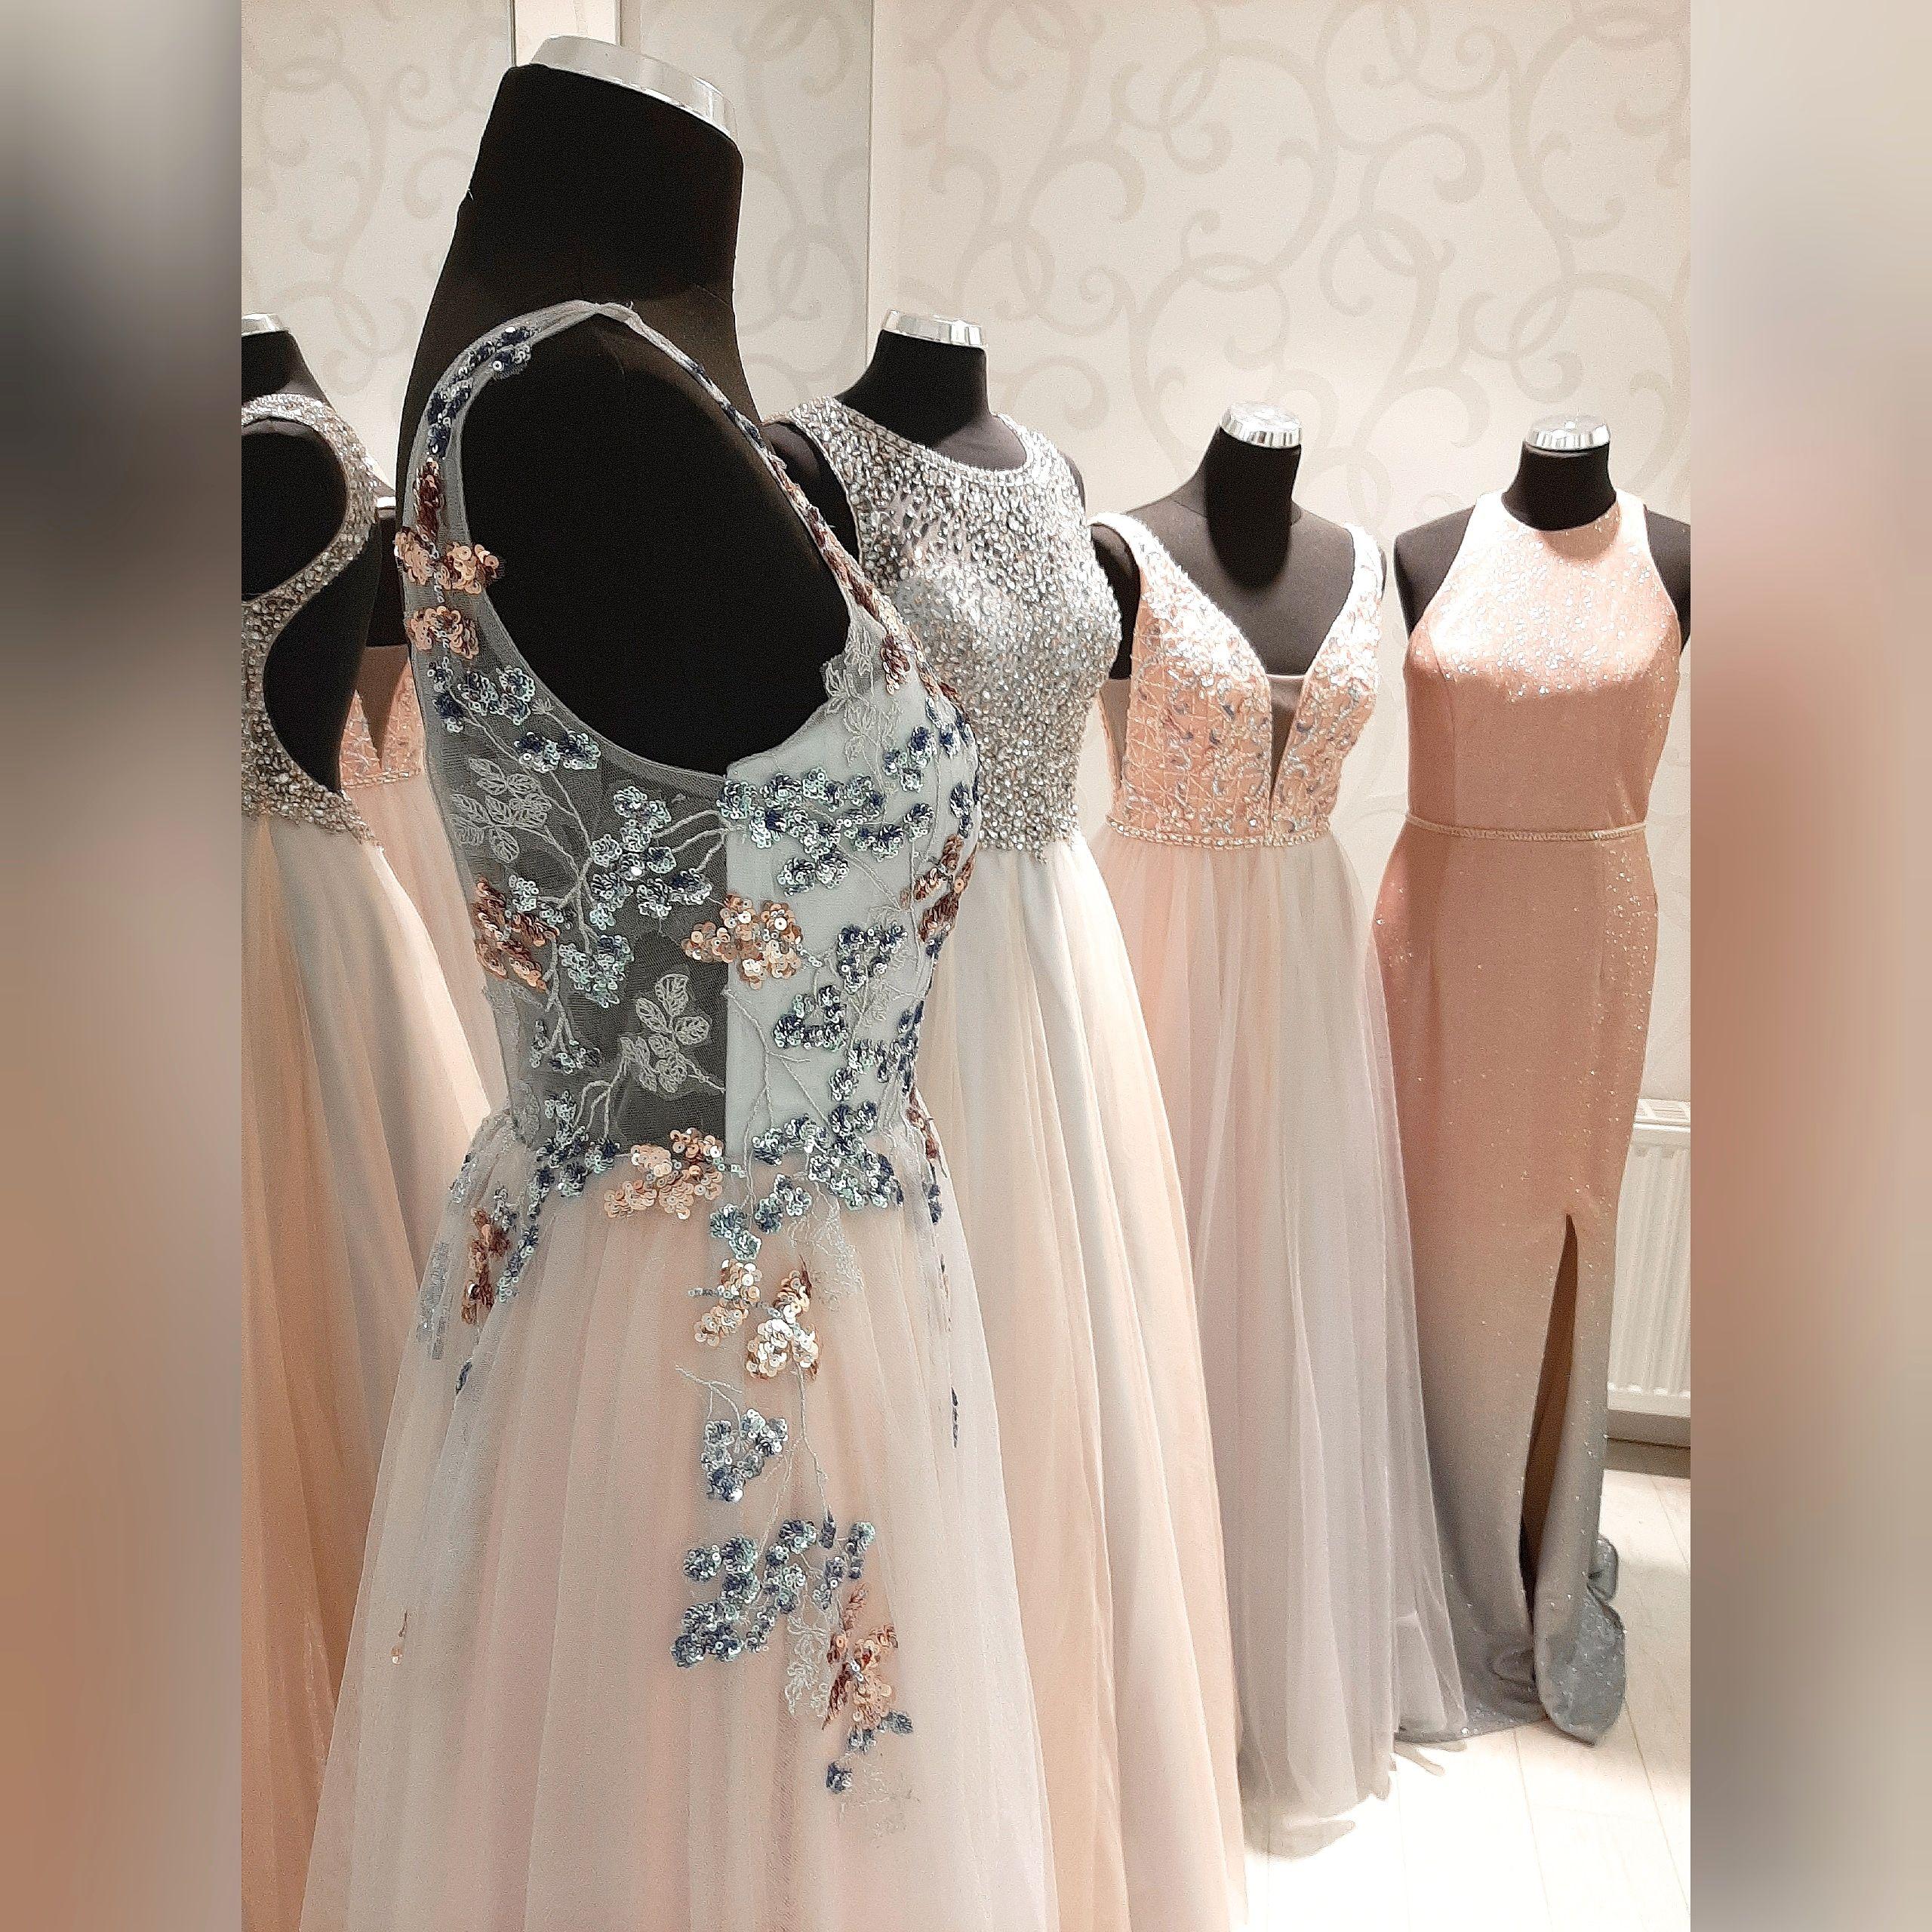 abendkleider-festliche kleider-hochzeit | festliche kleider